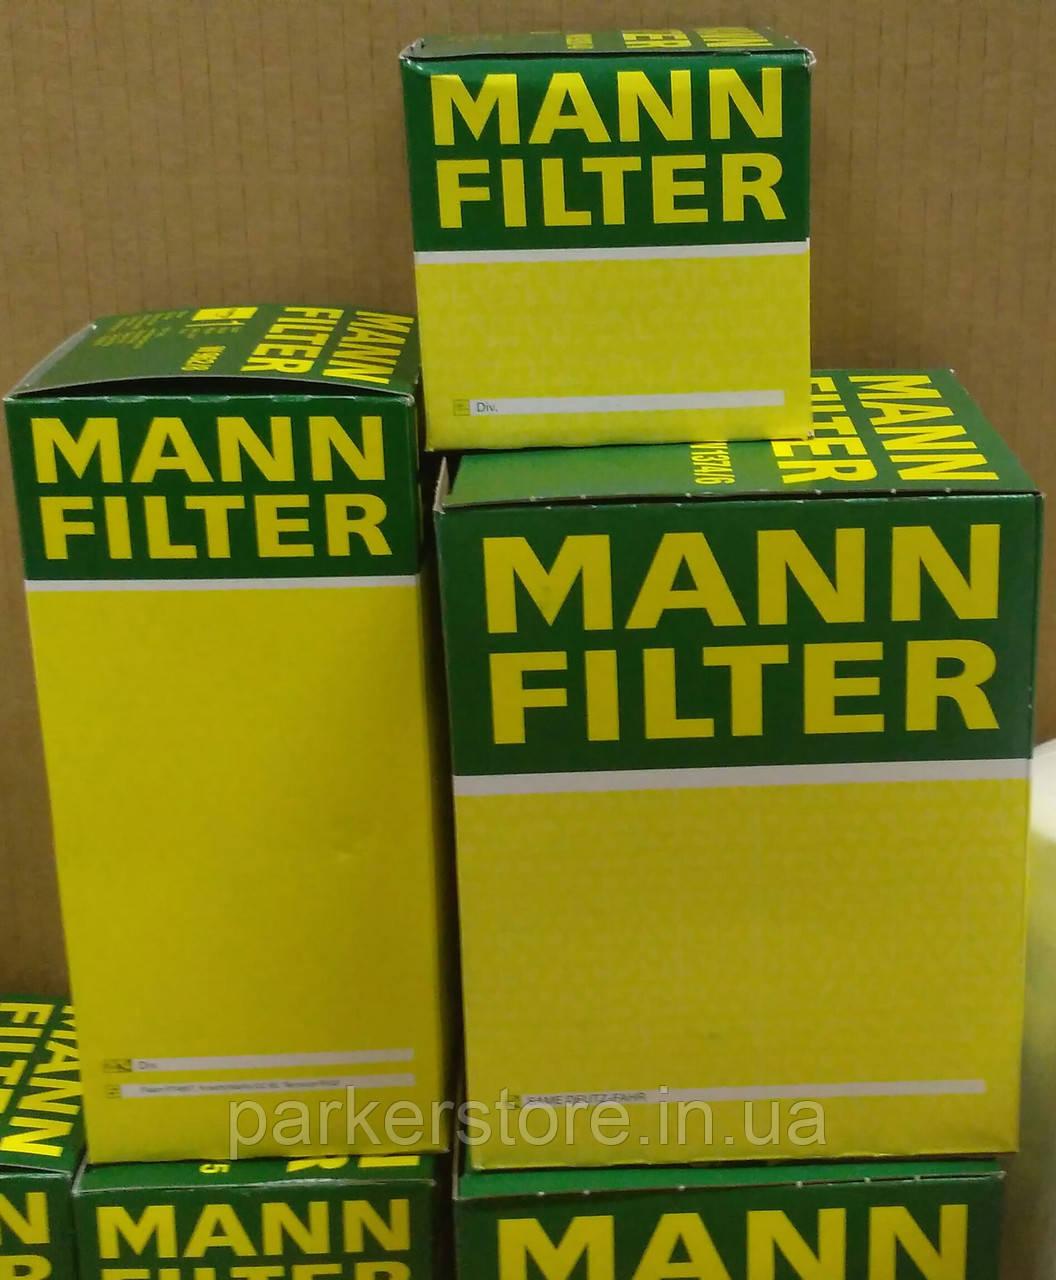 MANN FILTER / Воздушный фильтр / C 27 124/1 / C27124/1